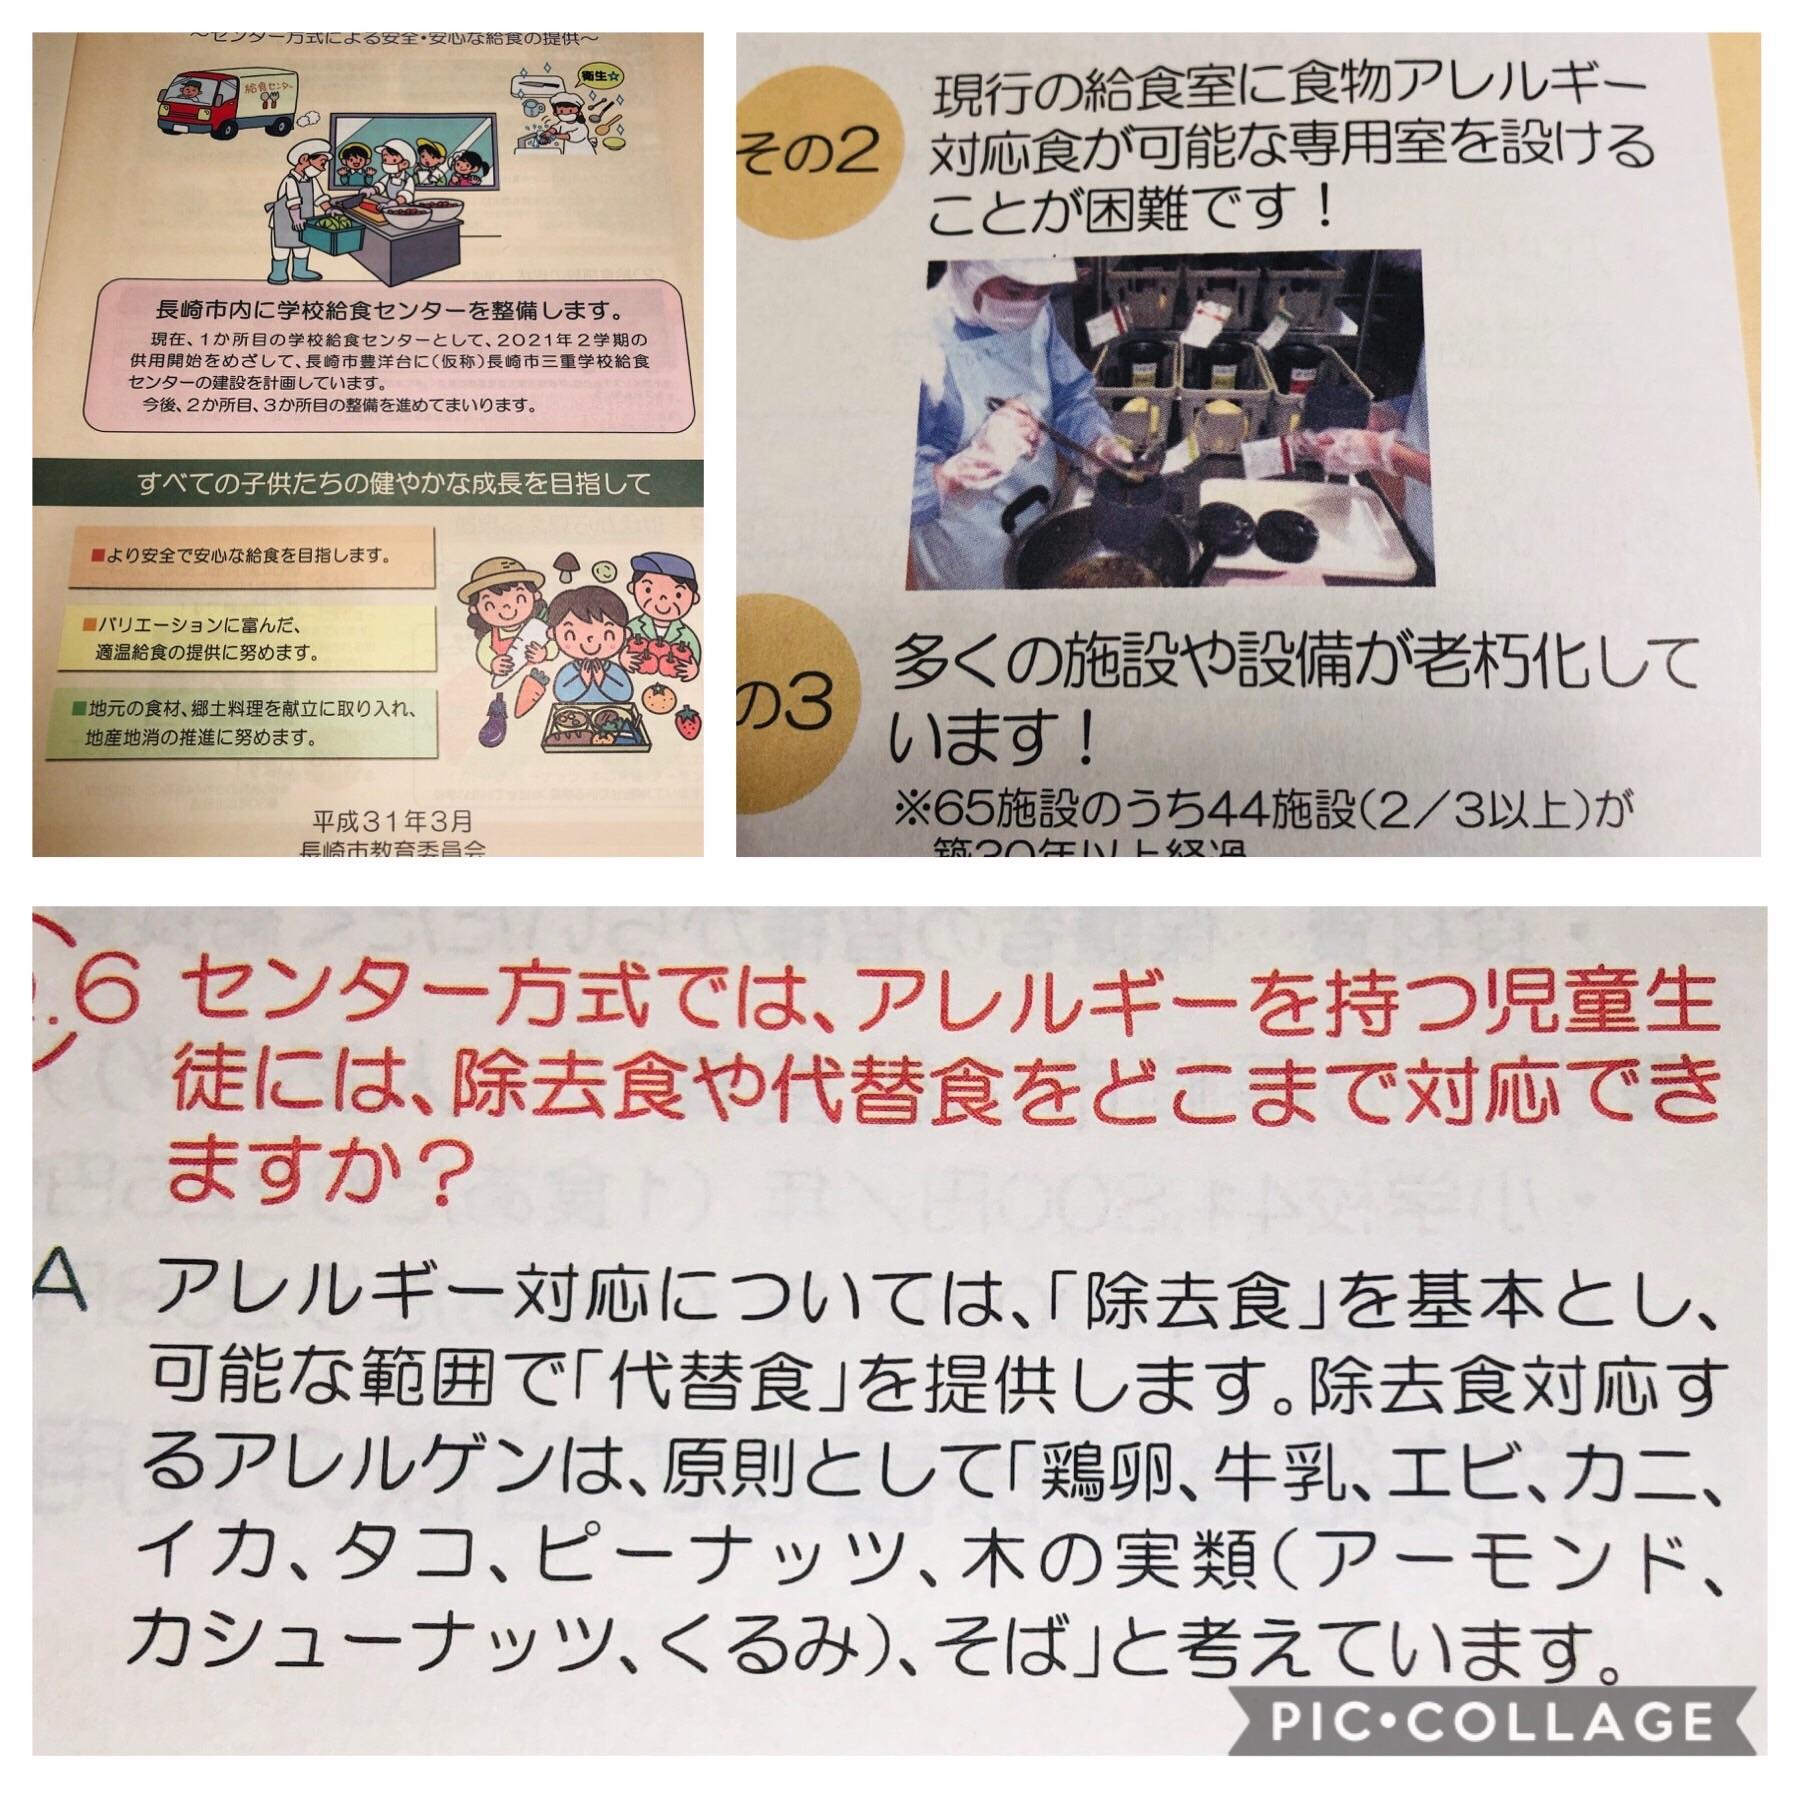 f:id:allergy_nagasakikko:20190410211035j:image